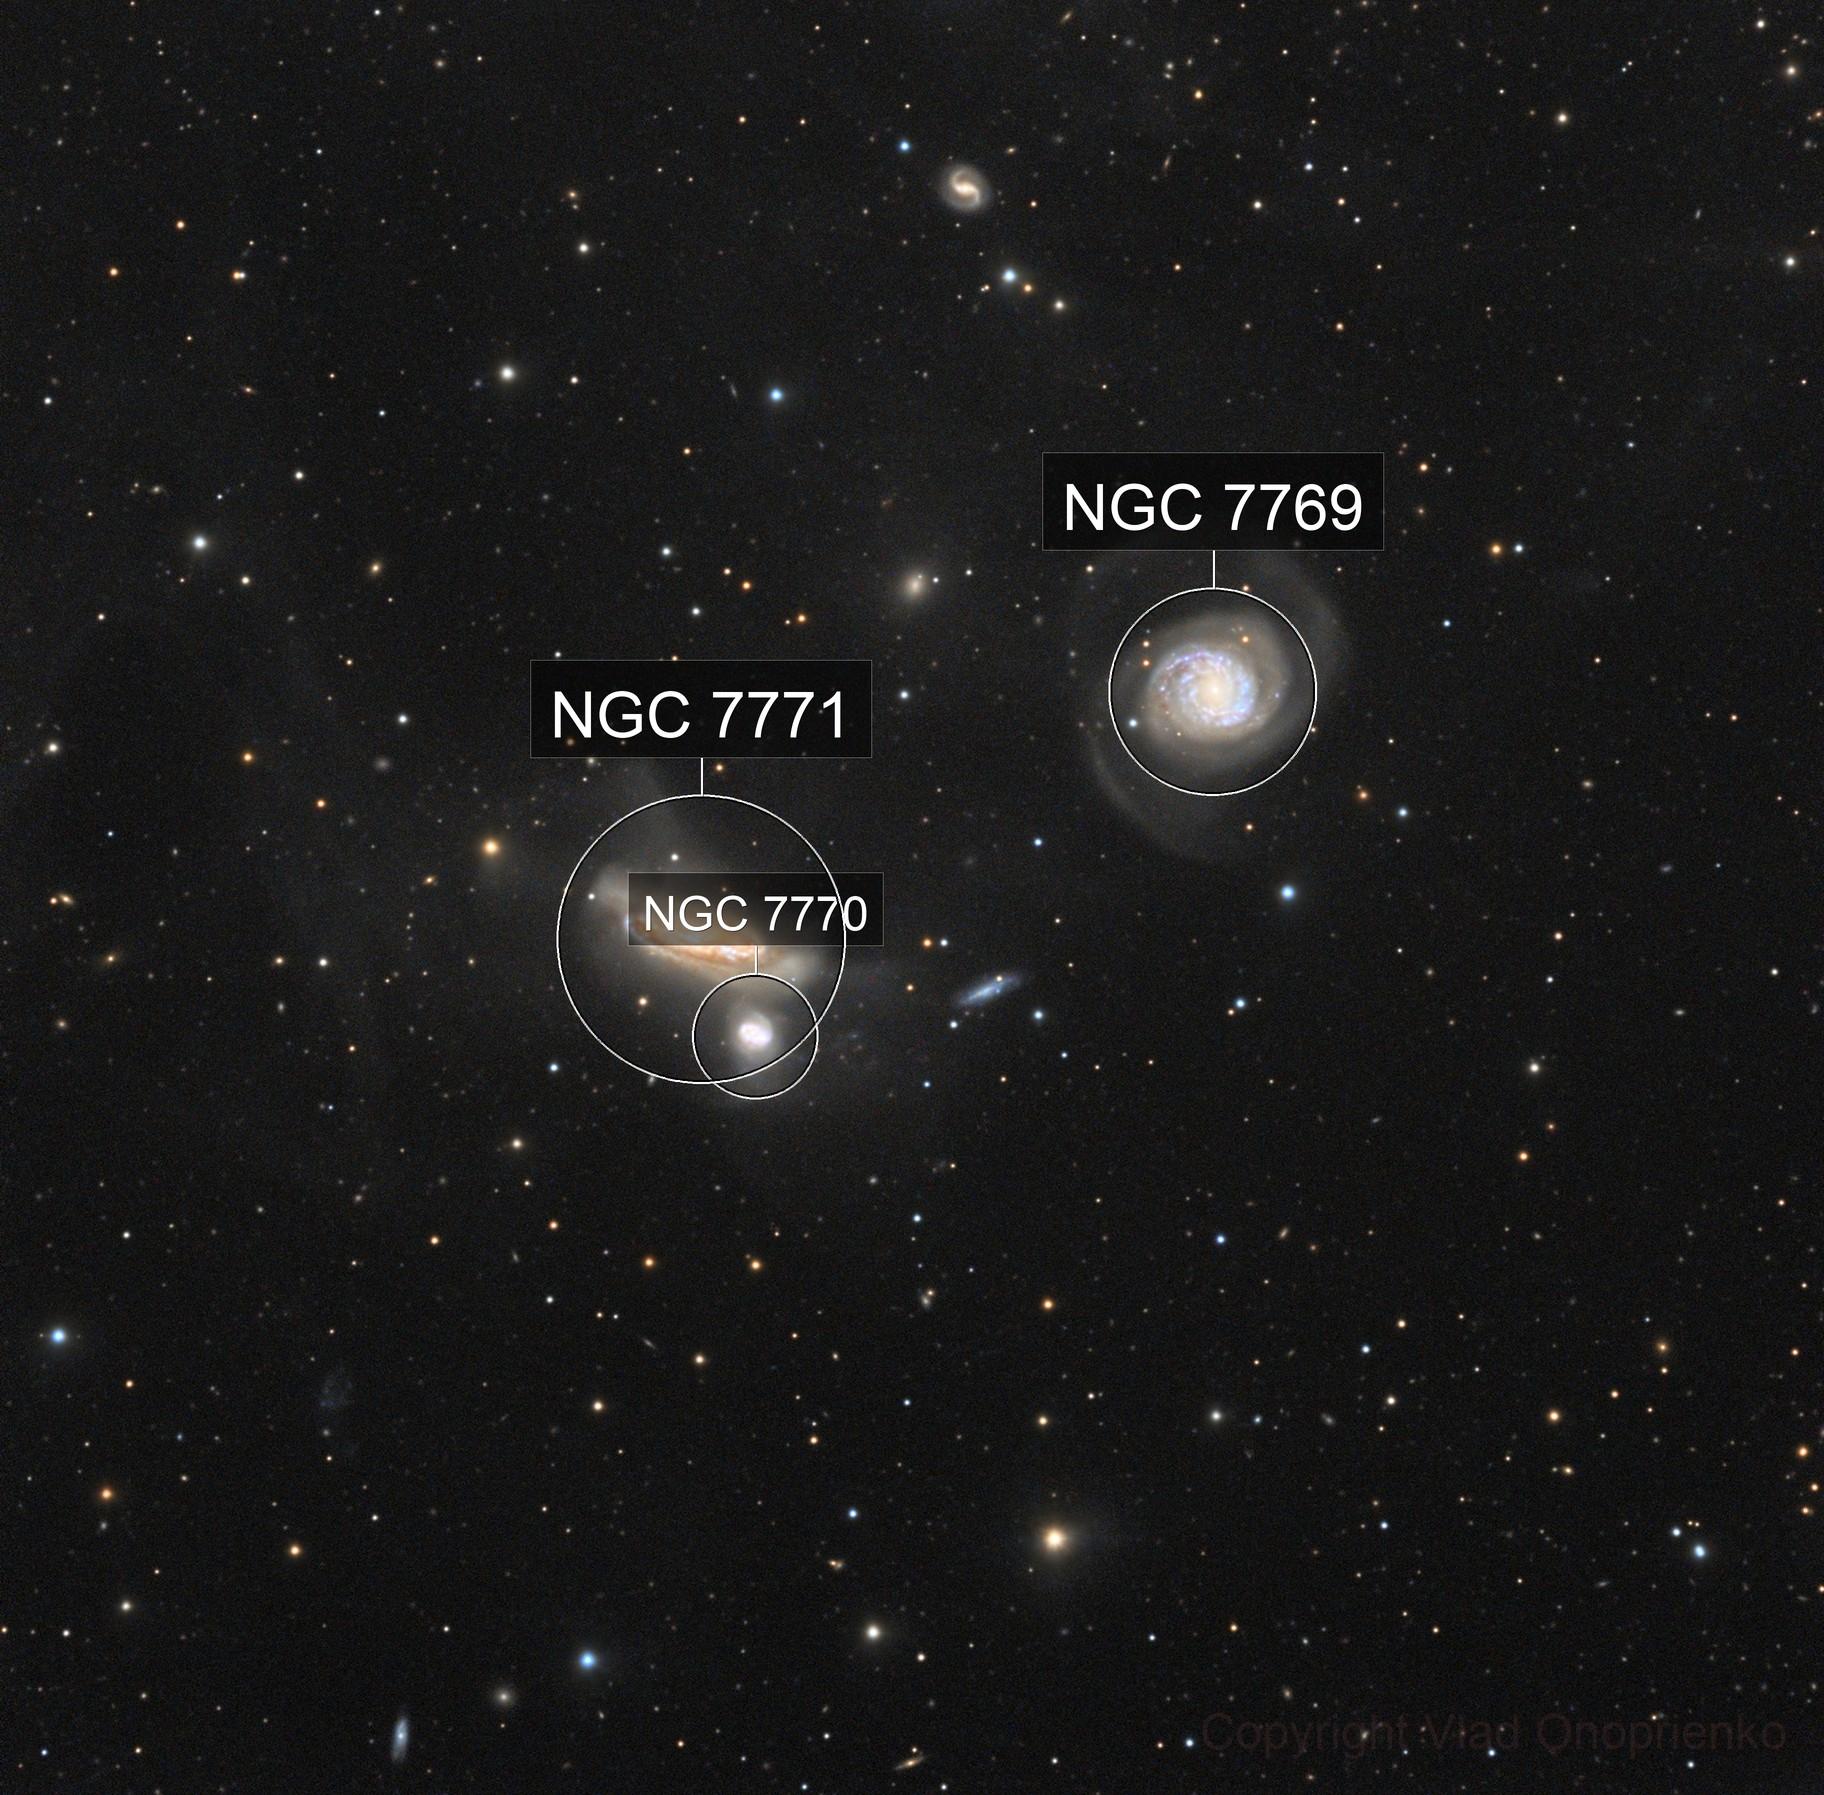 NGC 7769, 7771 and IFN